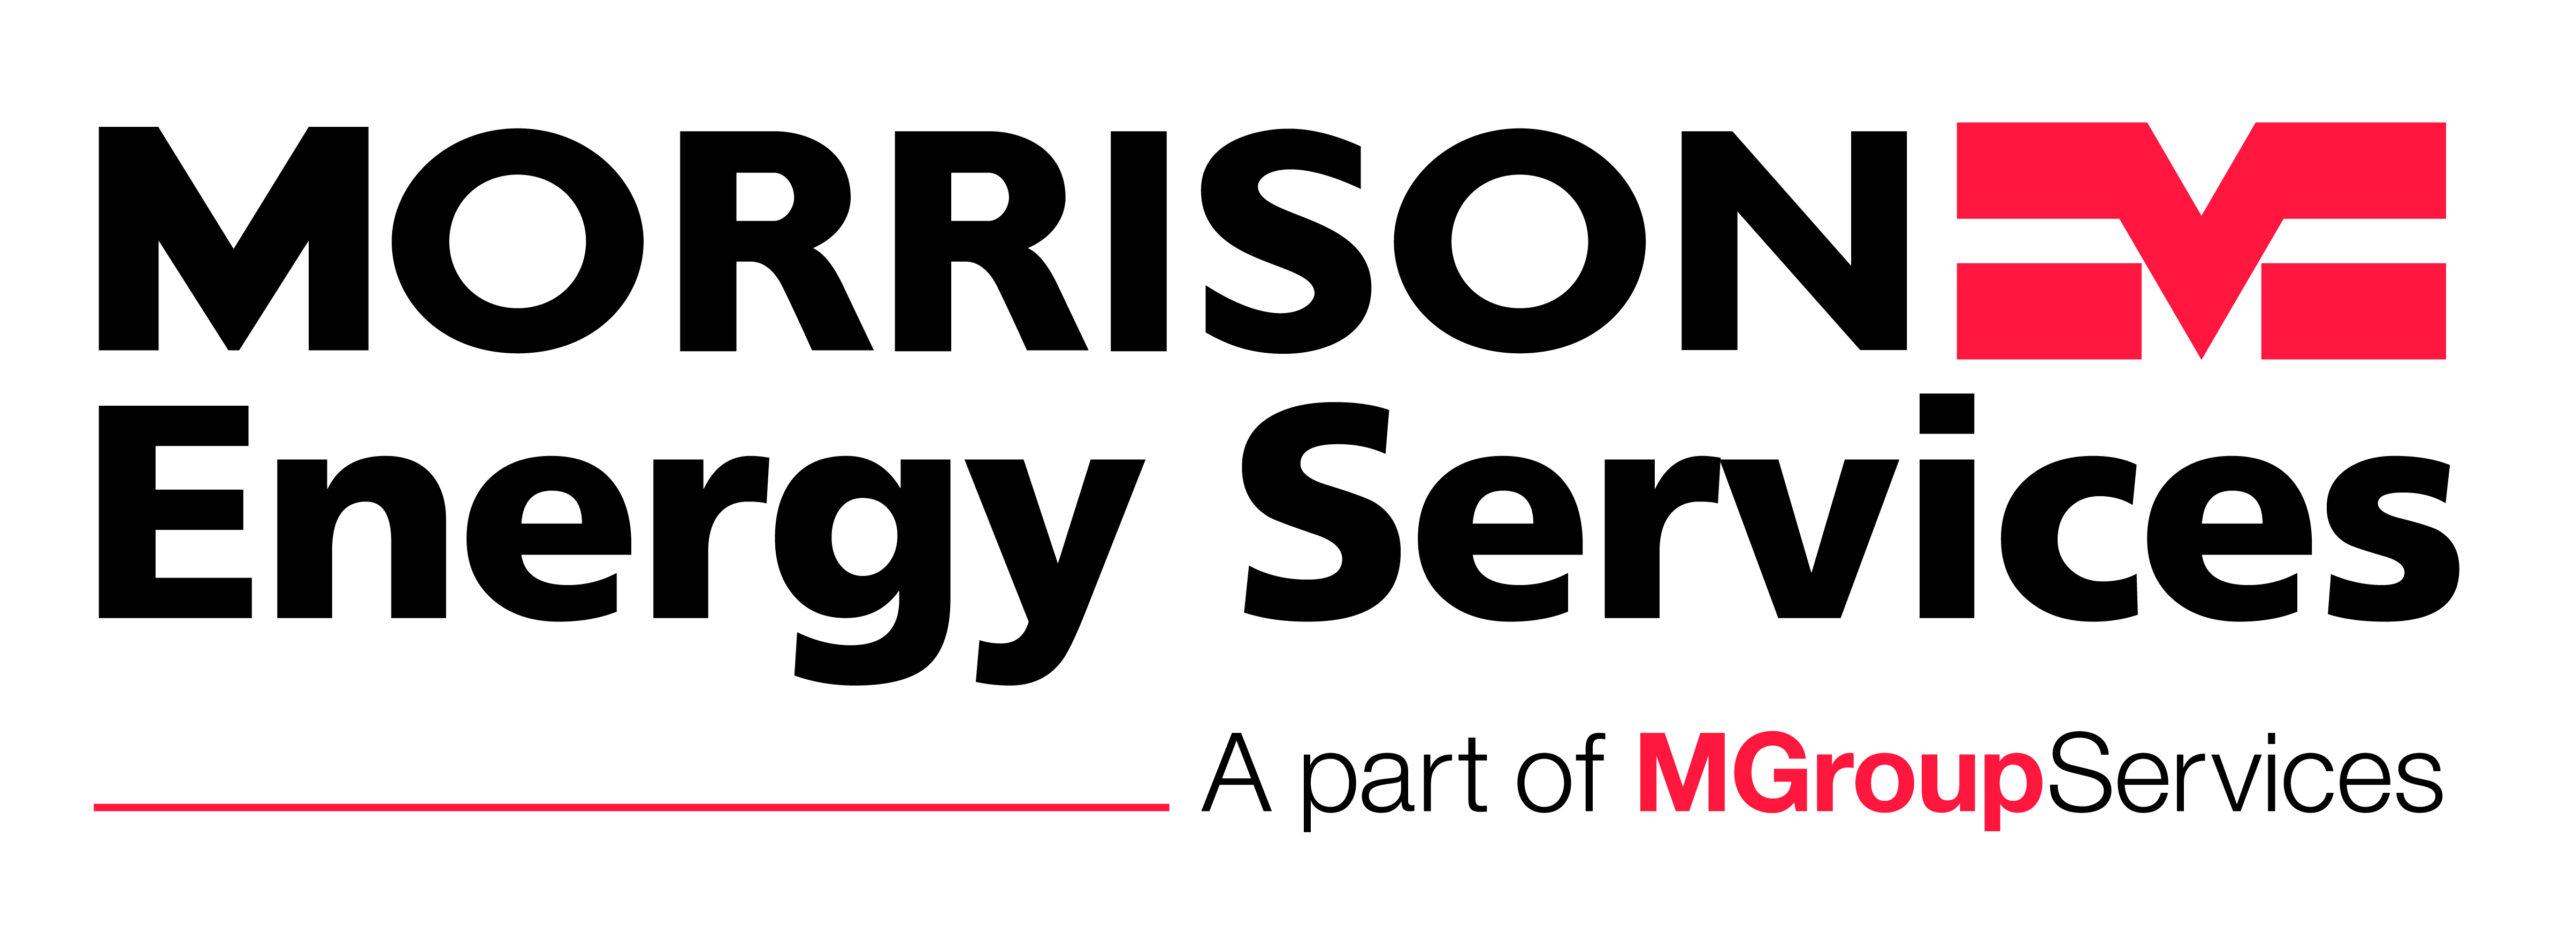 Morrison Energy Services